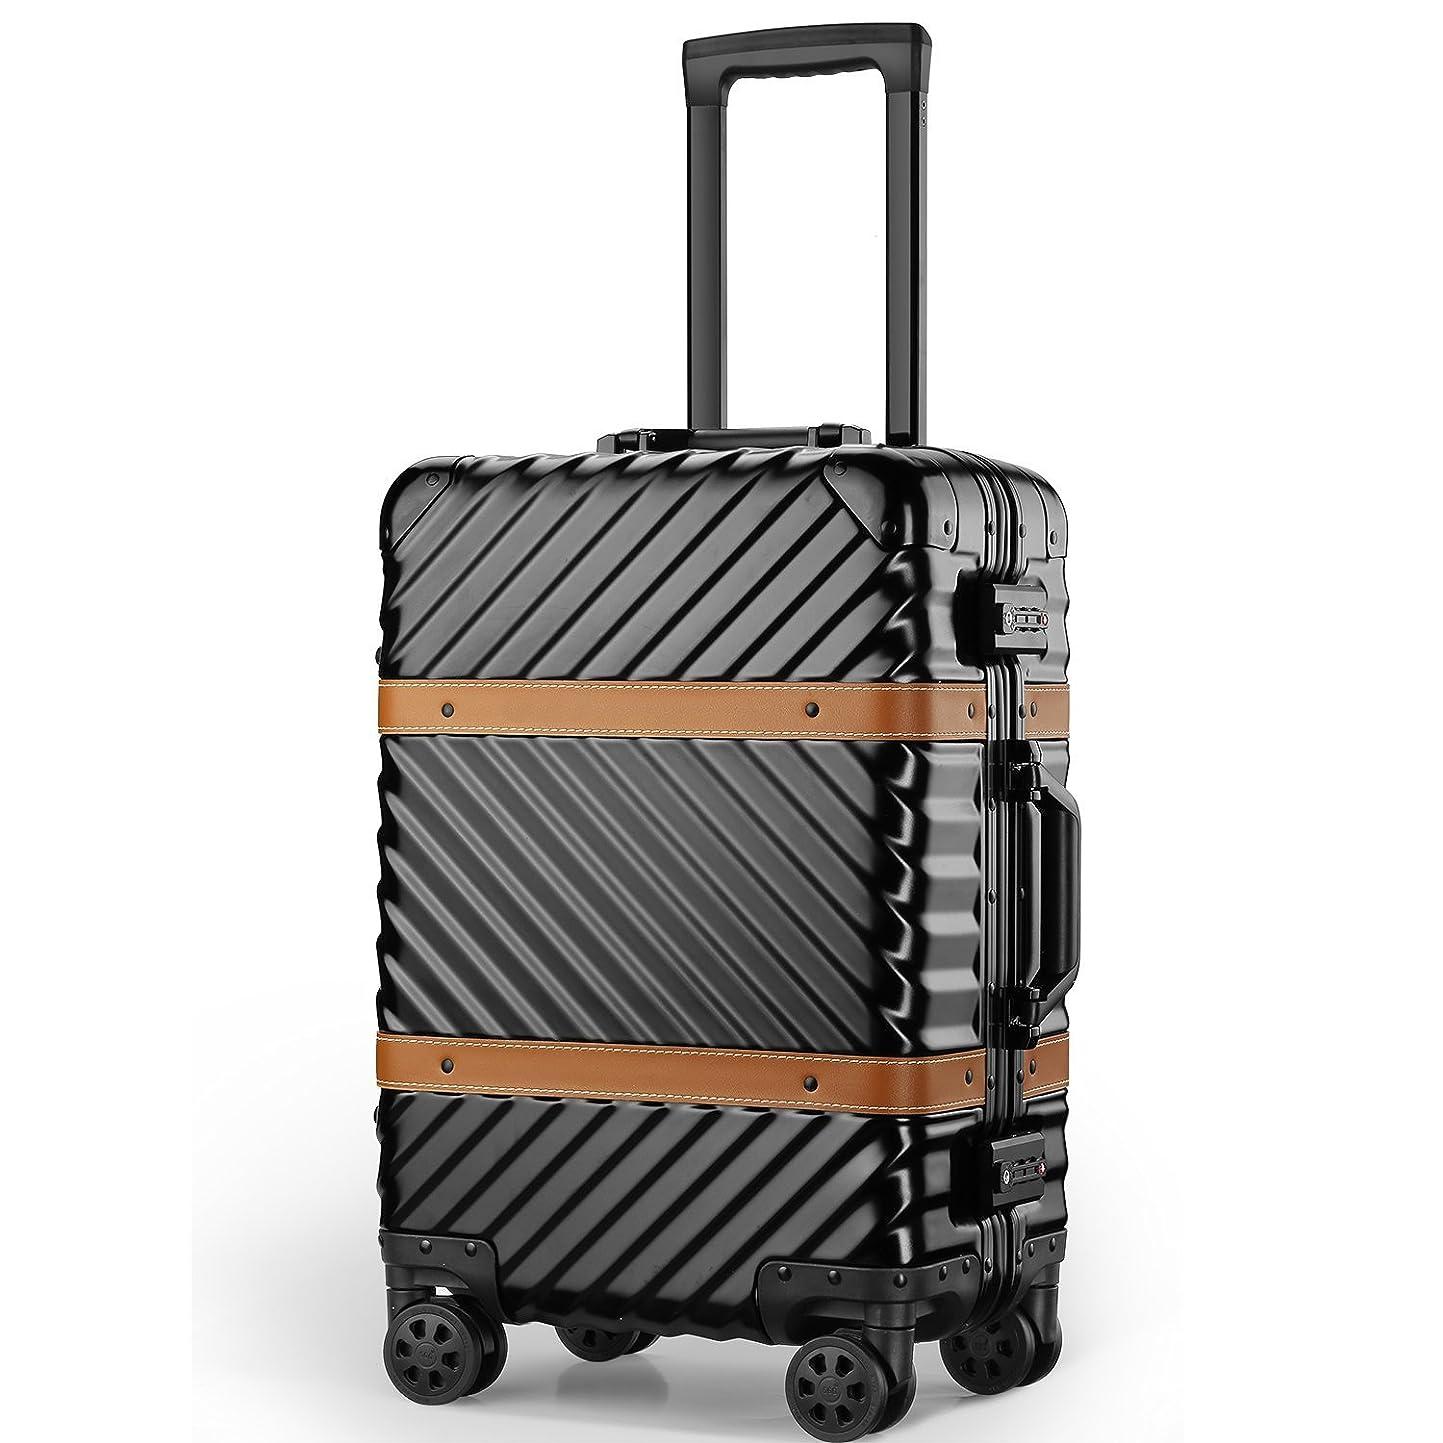 くそー犯罪。(アスボーグ)ASVOGUE スーツケース キャリーケース TSAロック搭載 旅行 出張 復古 8輪 超軽量 機内持込可